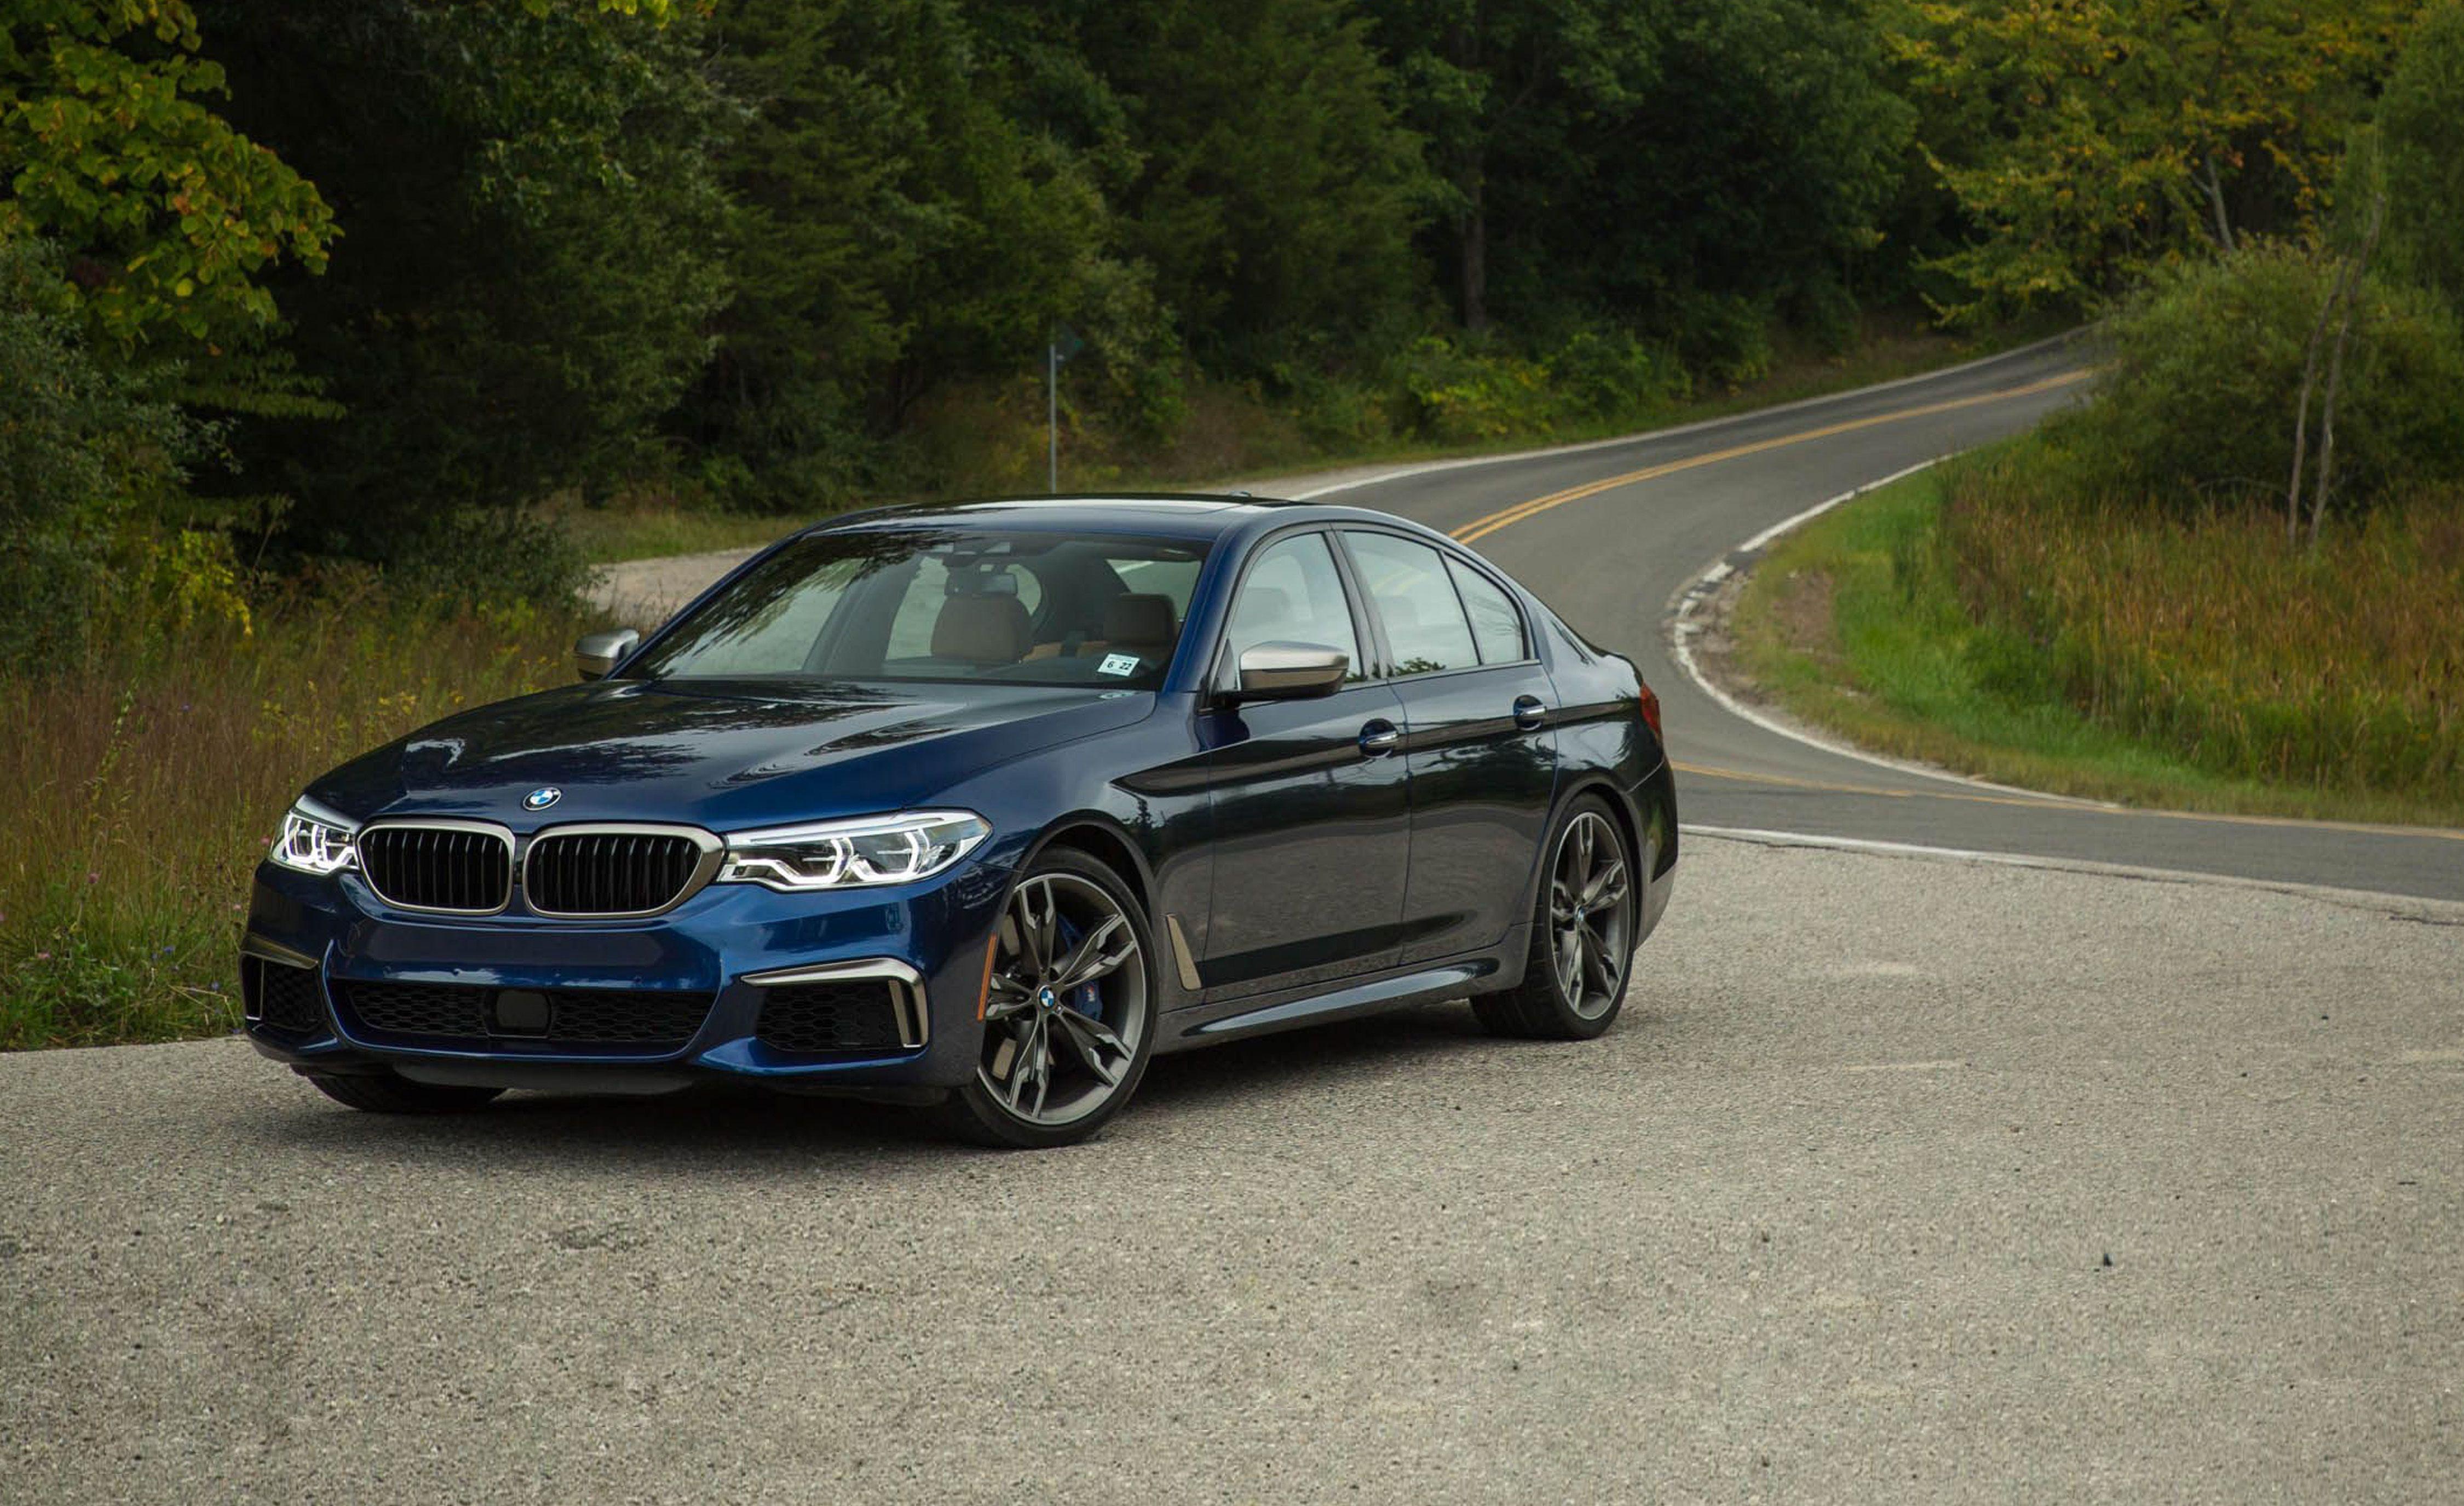 2019 BMW 5-series Reviews | BMW 5-series Price, Photos ...